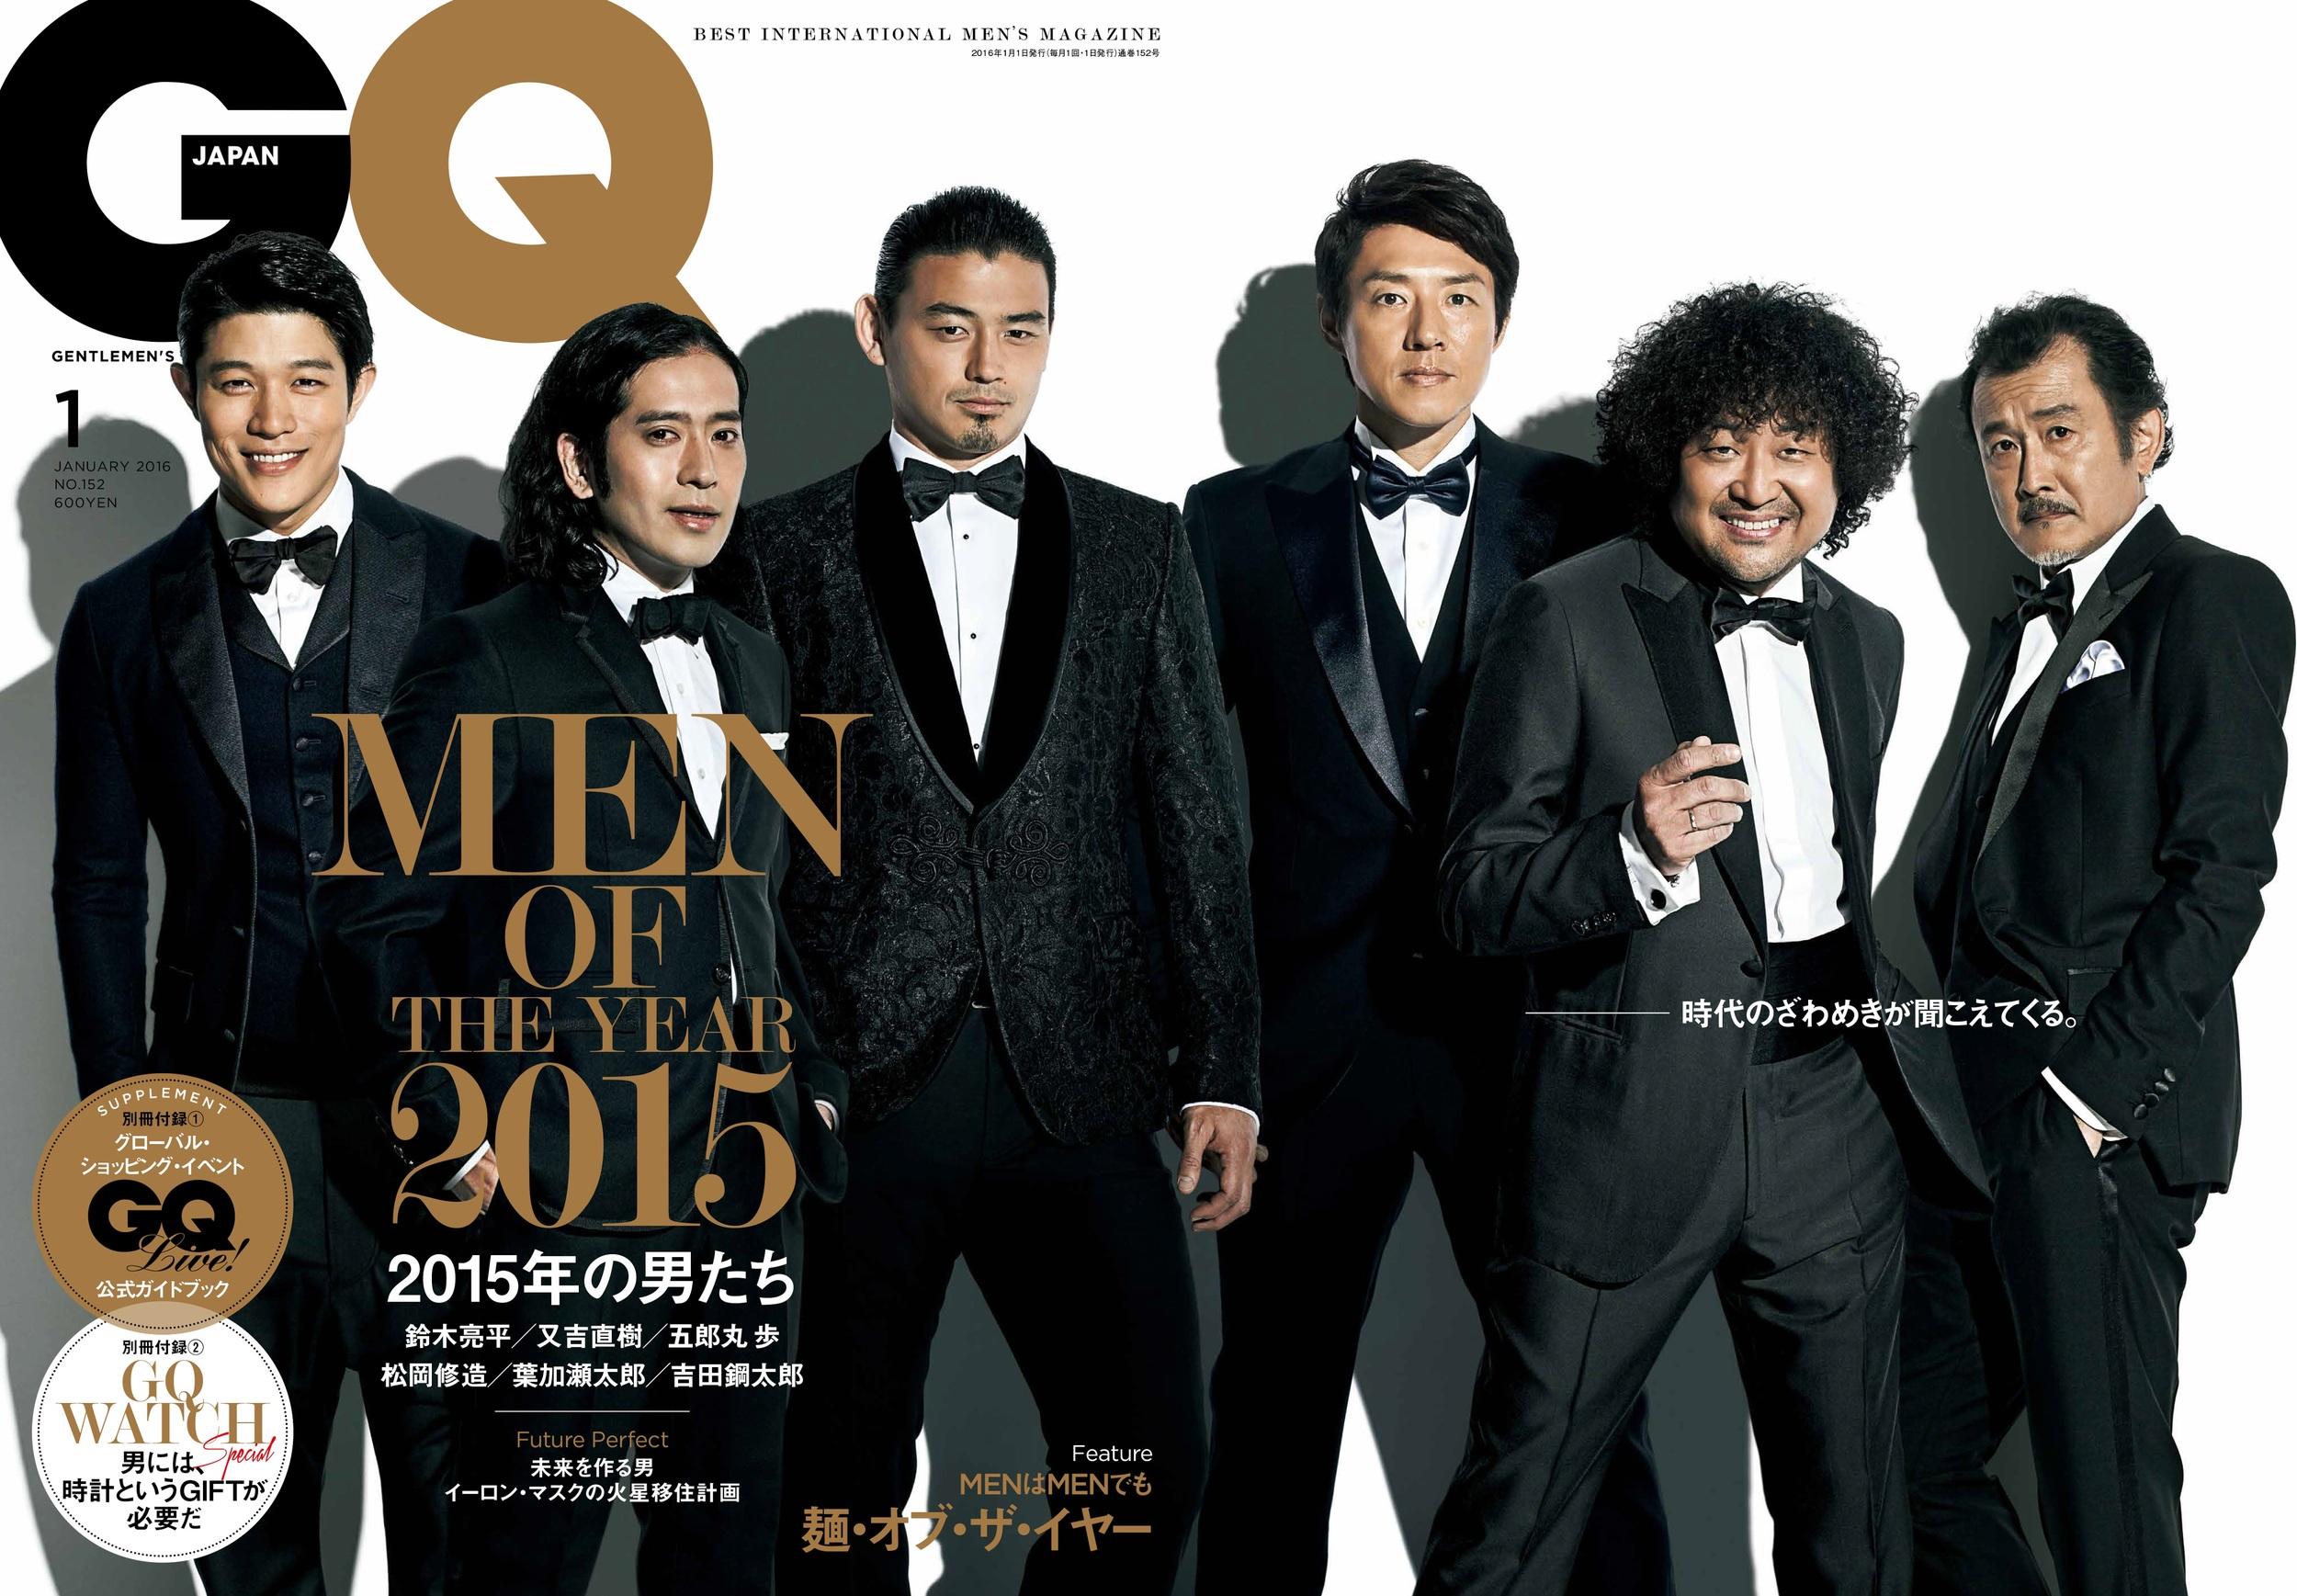 gq_cover_moty_1106.jpg